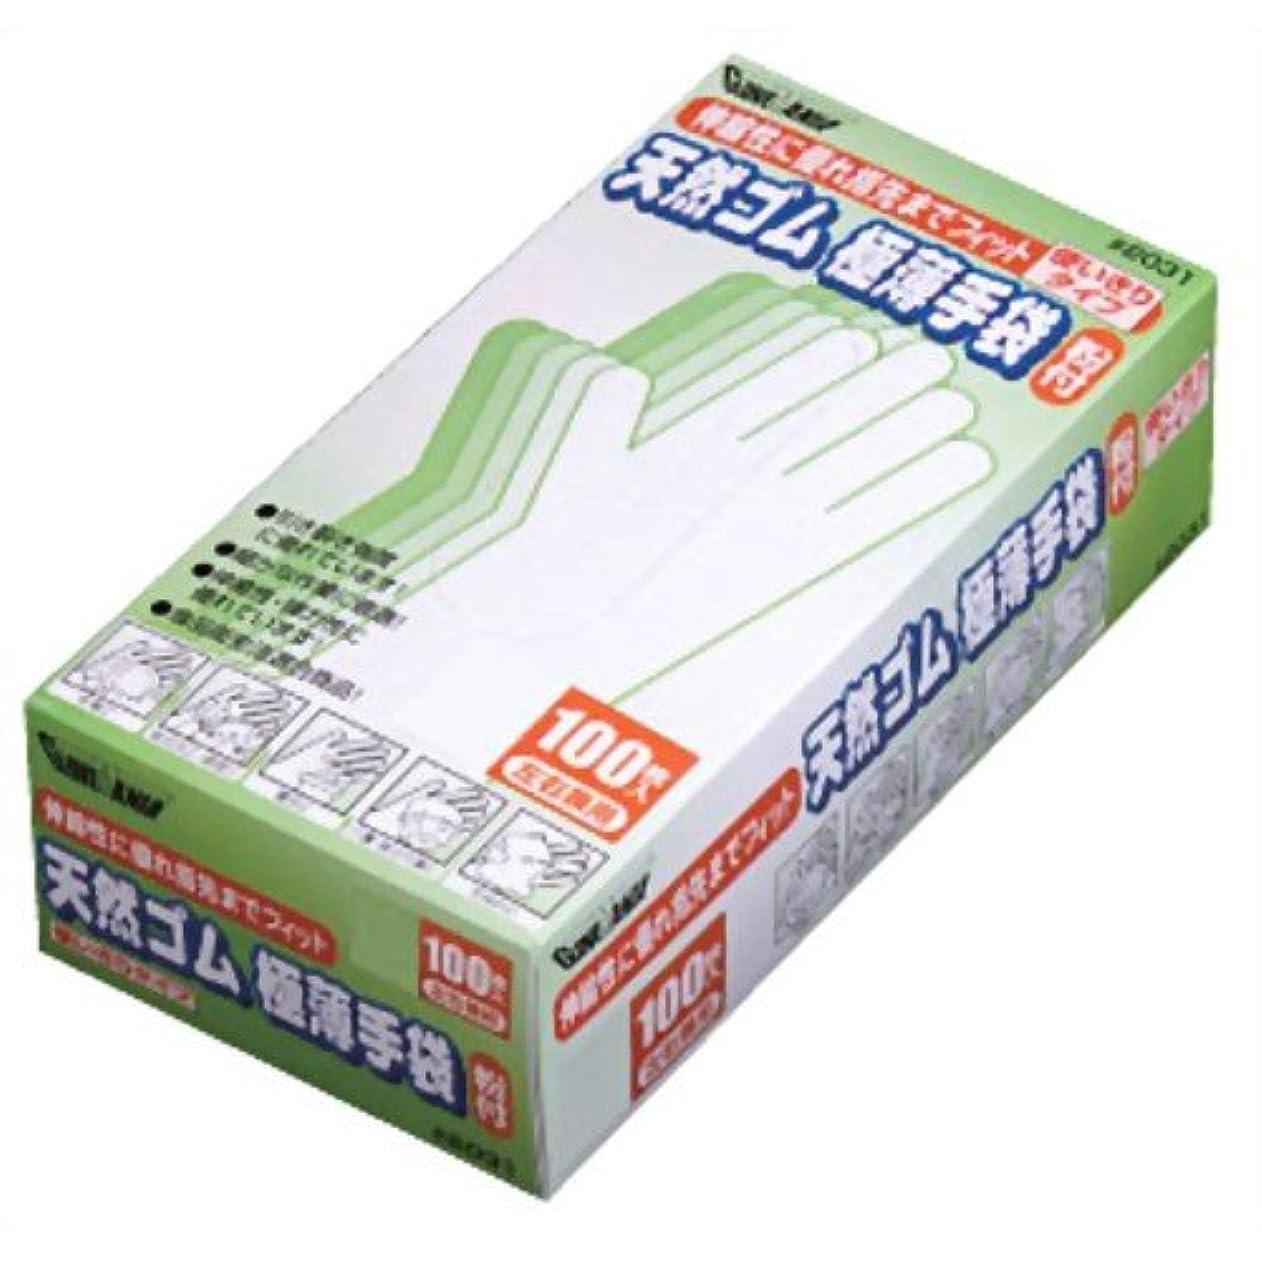 川西工業 天然ゴム極薄手袋 粉付 100枚入 #2031 ナチュラル SS